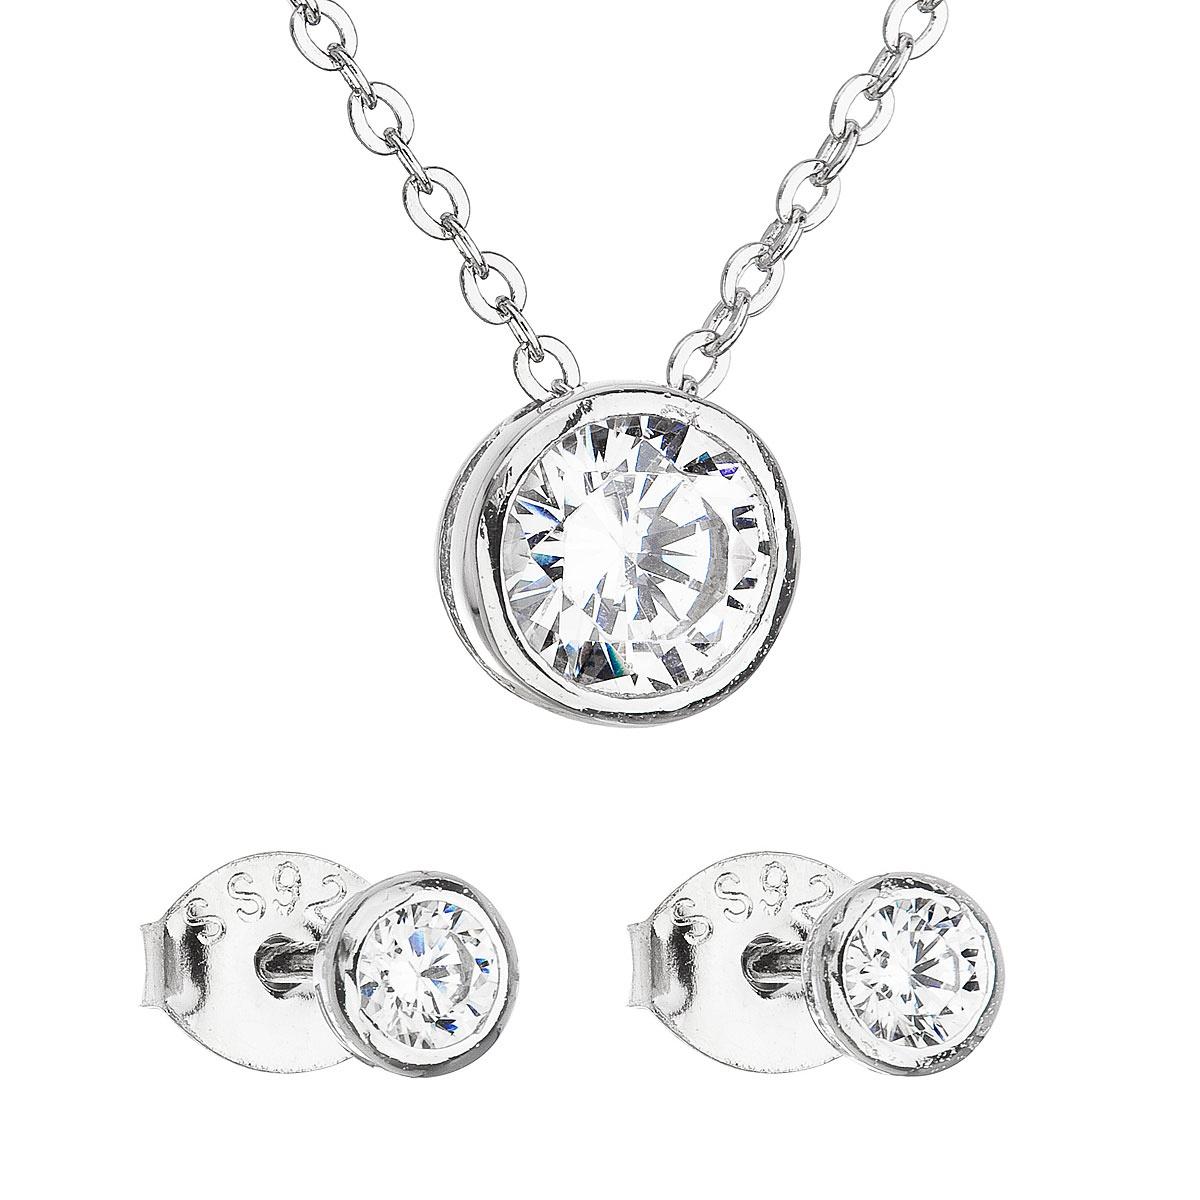 Evolution Group Sada šperků se zirkonem v bílé barvě náušnice a náhrdelník 19007.1